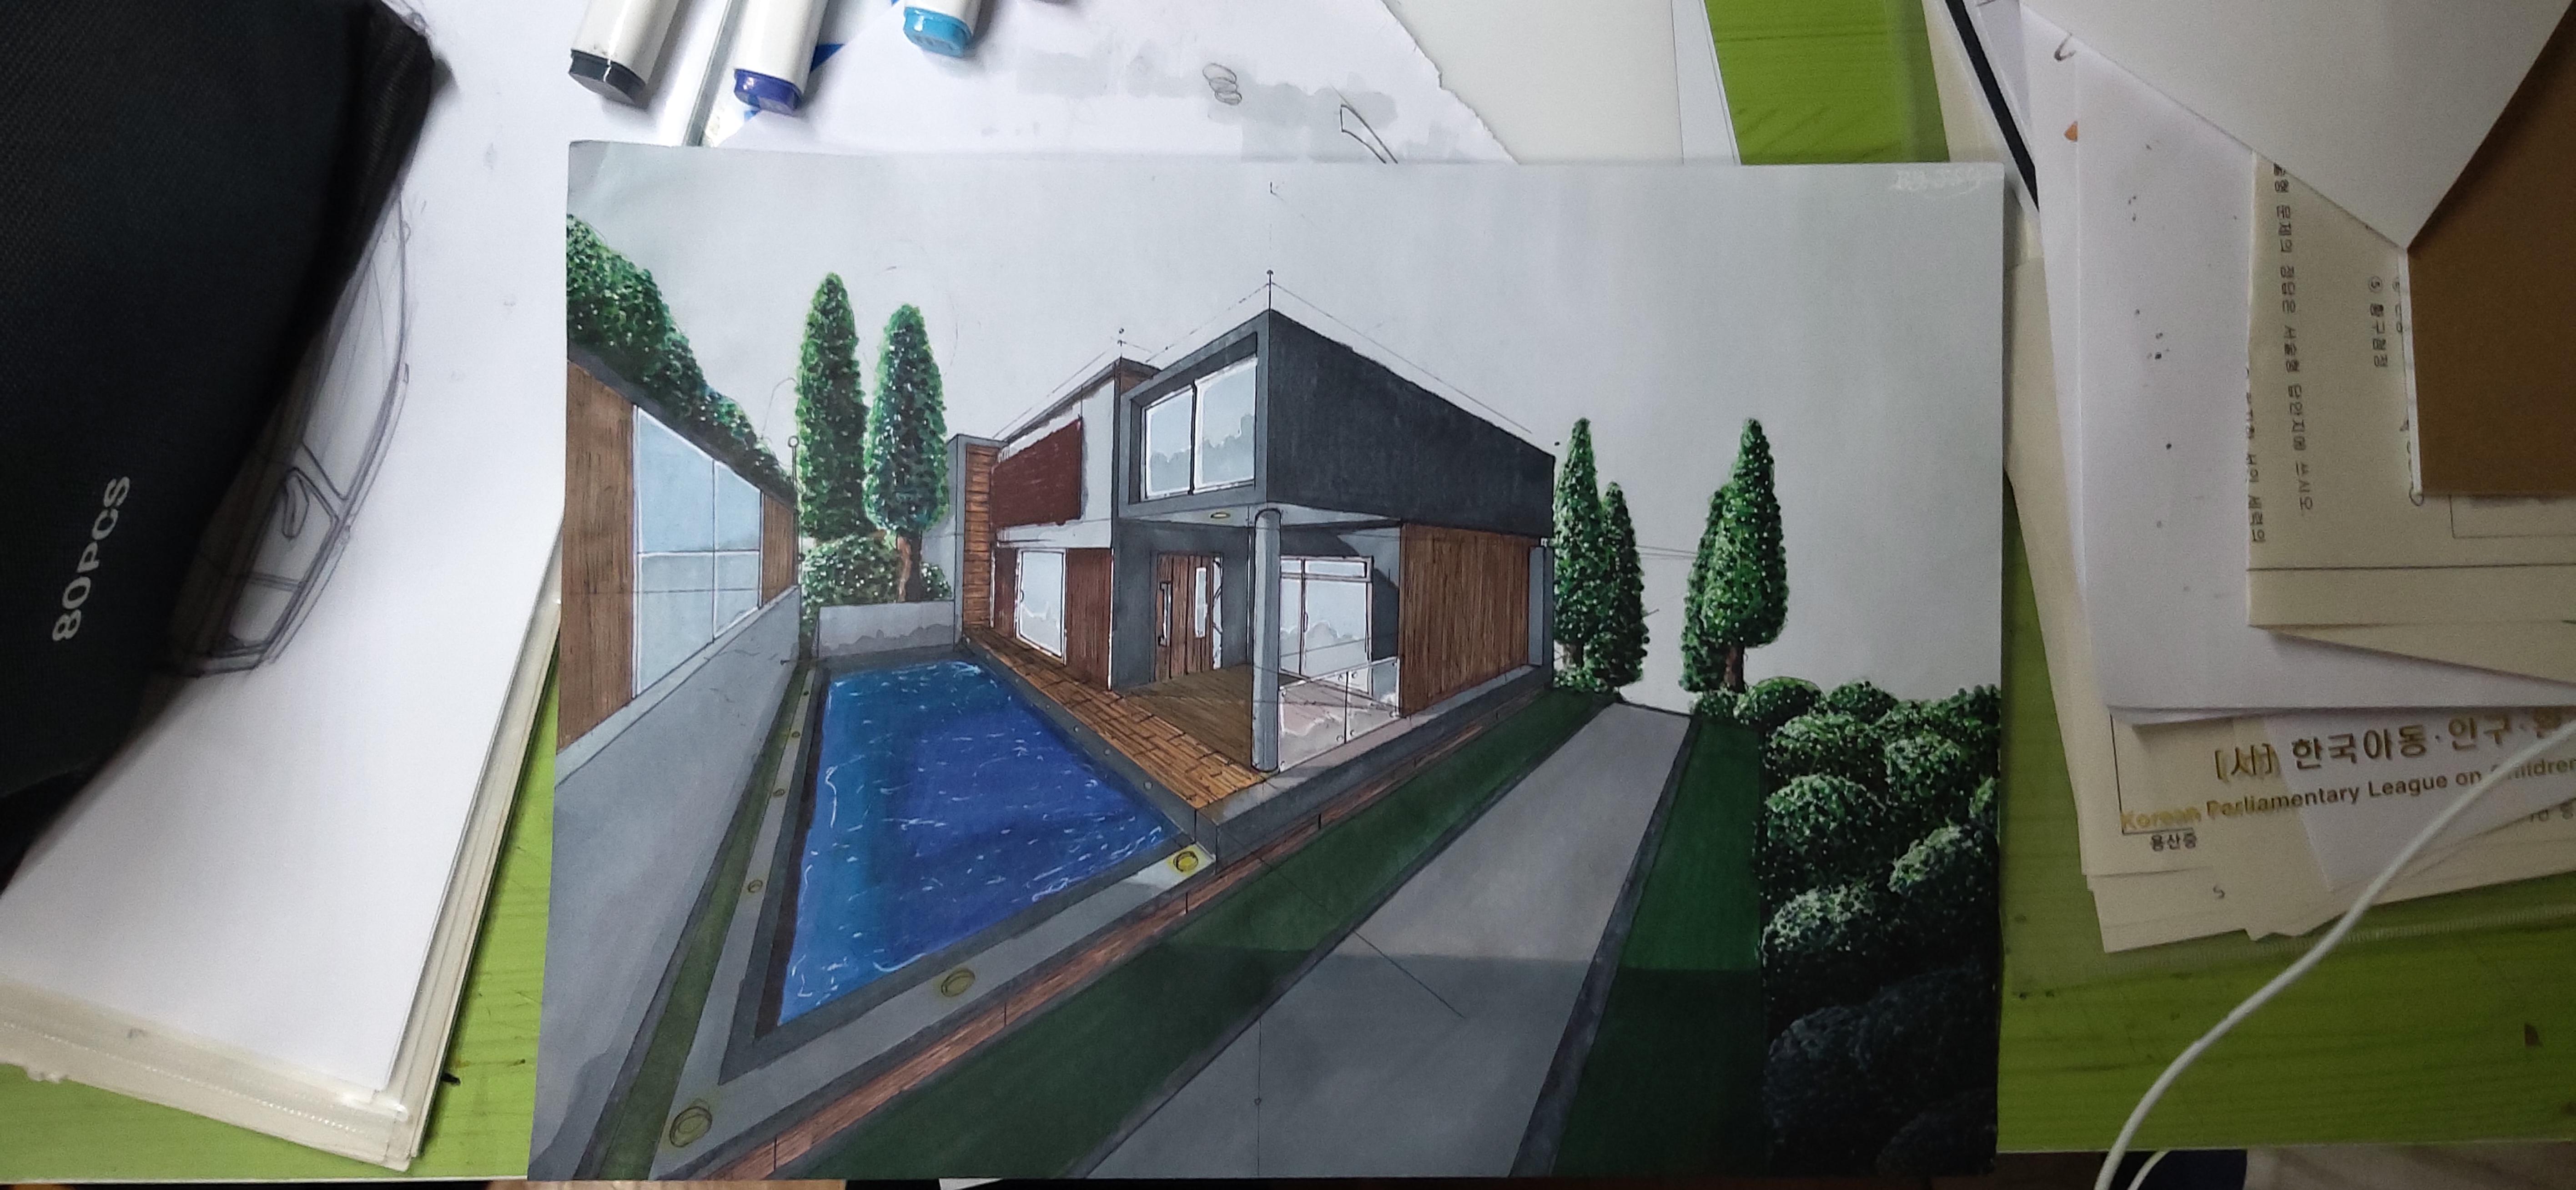 ARCHiTECT (finish)